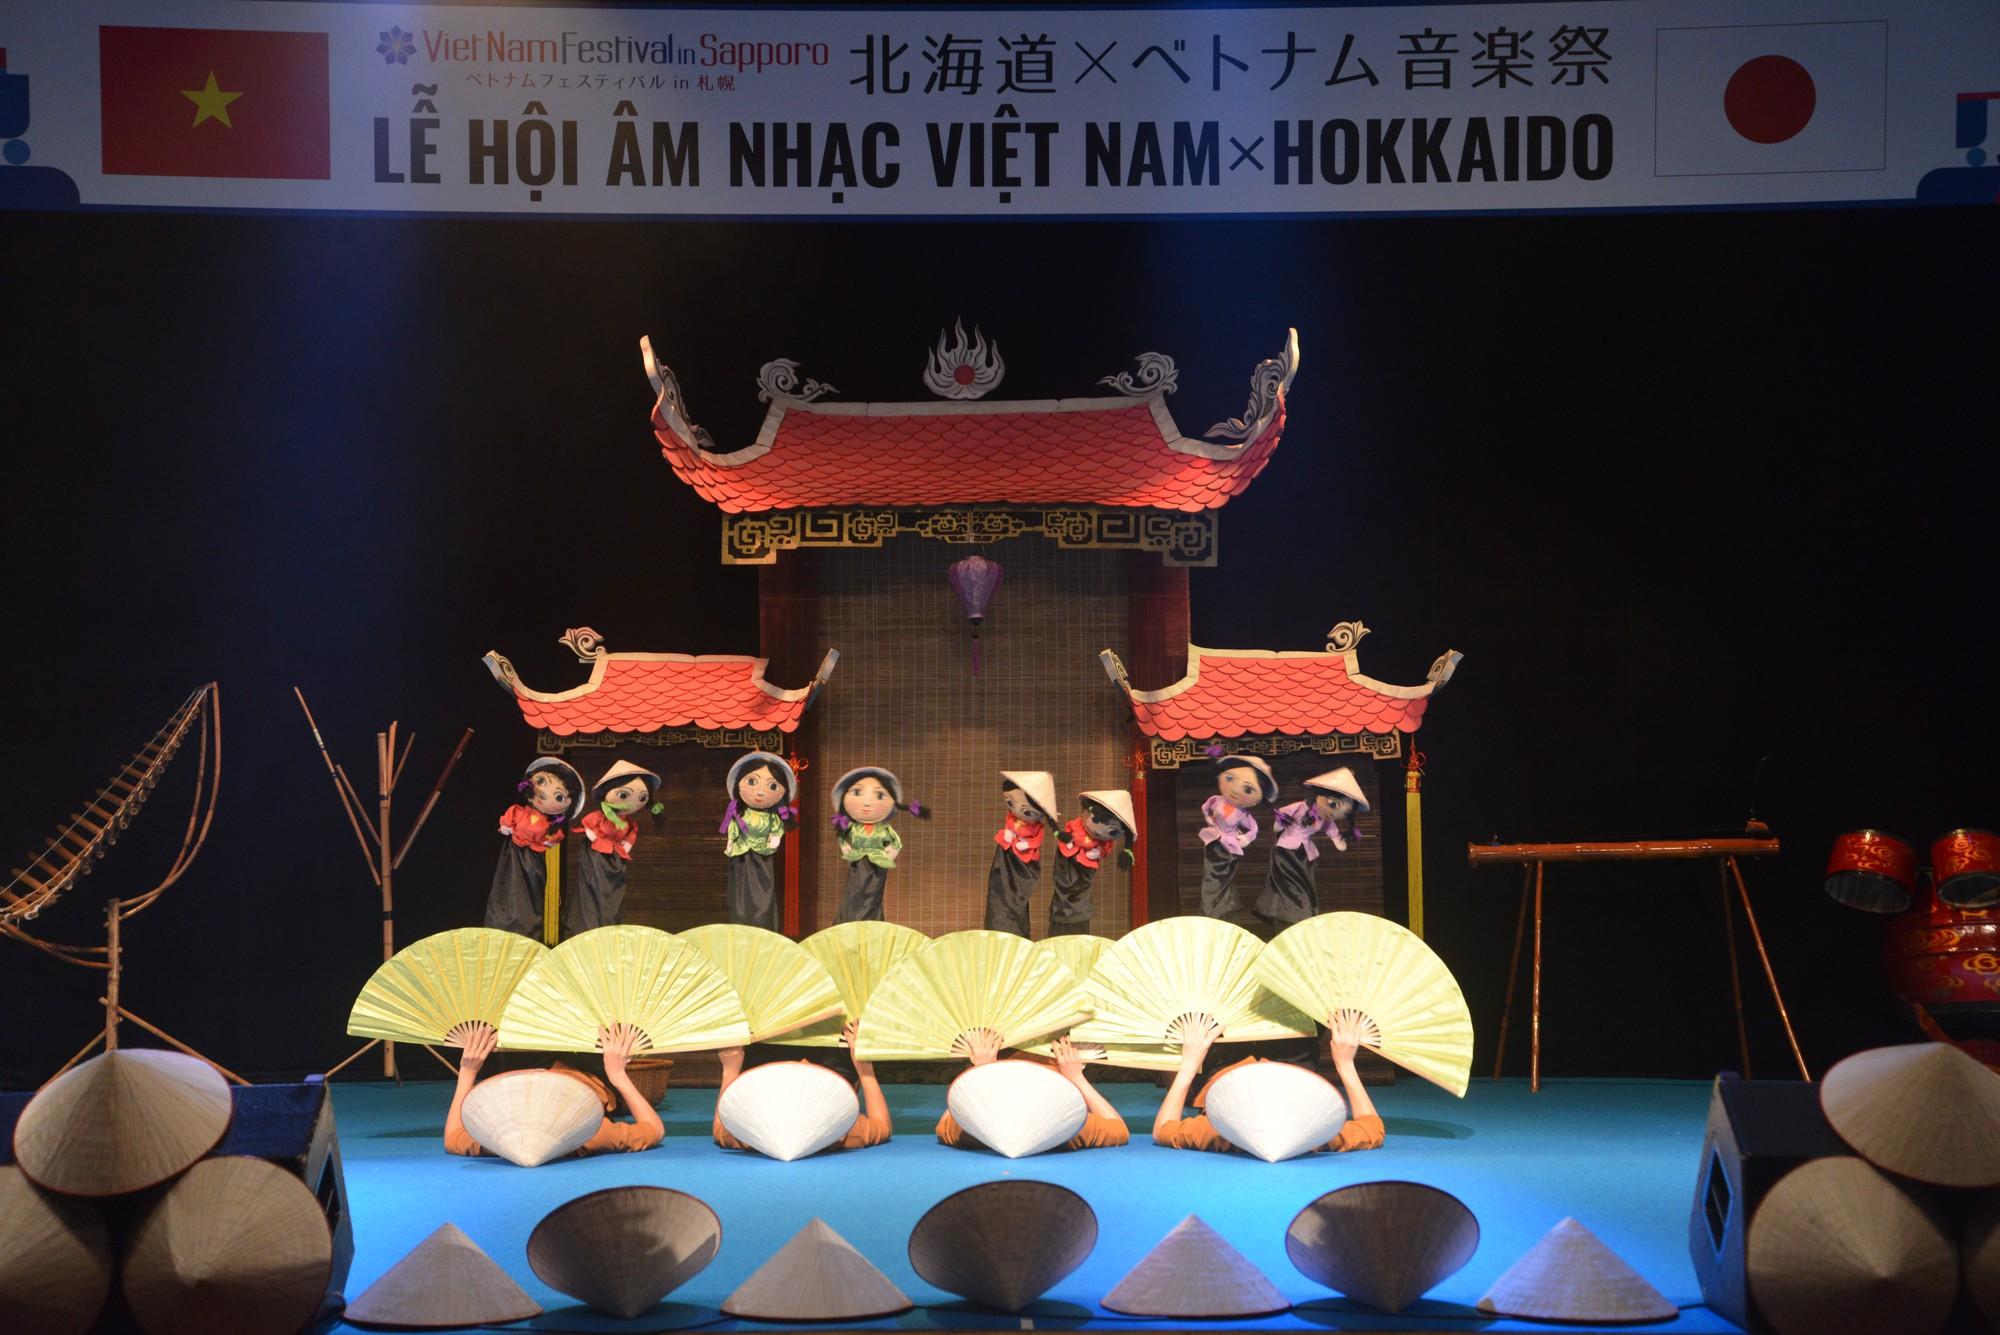 Lễ hội Việt Nam tại Sapporo năm 2019 lần thứ nhất - Ảnh 8.